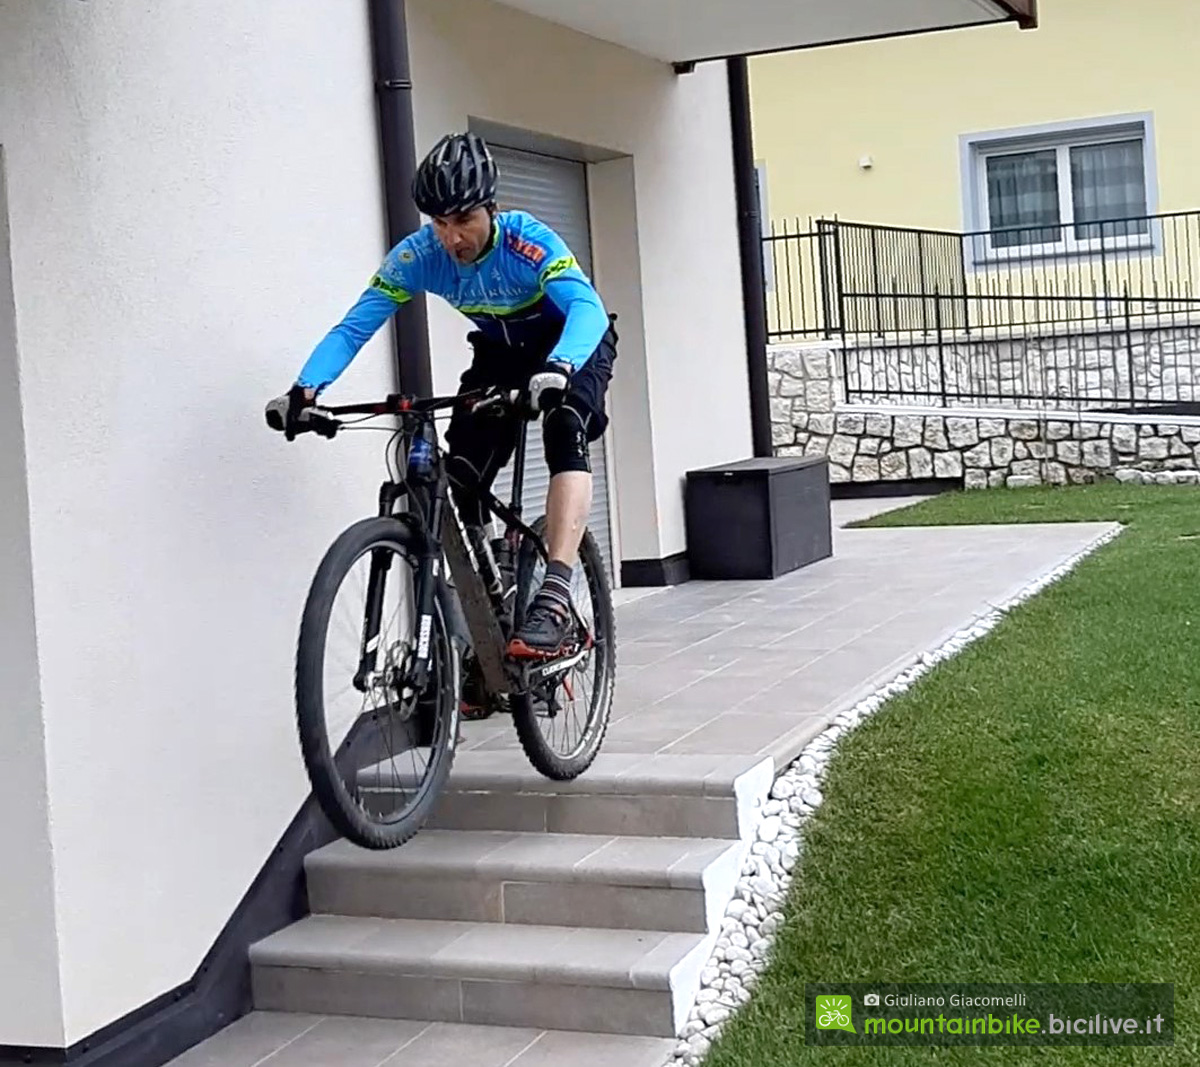 Ciclista mtb esegue il salto di una serie di gradini